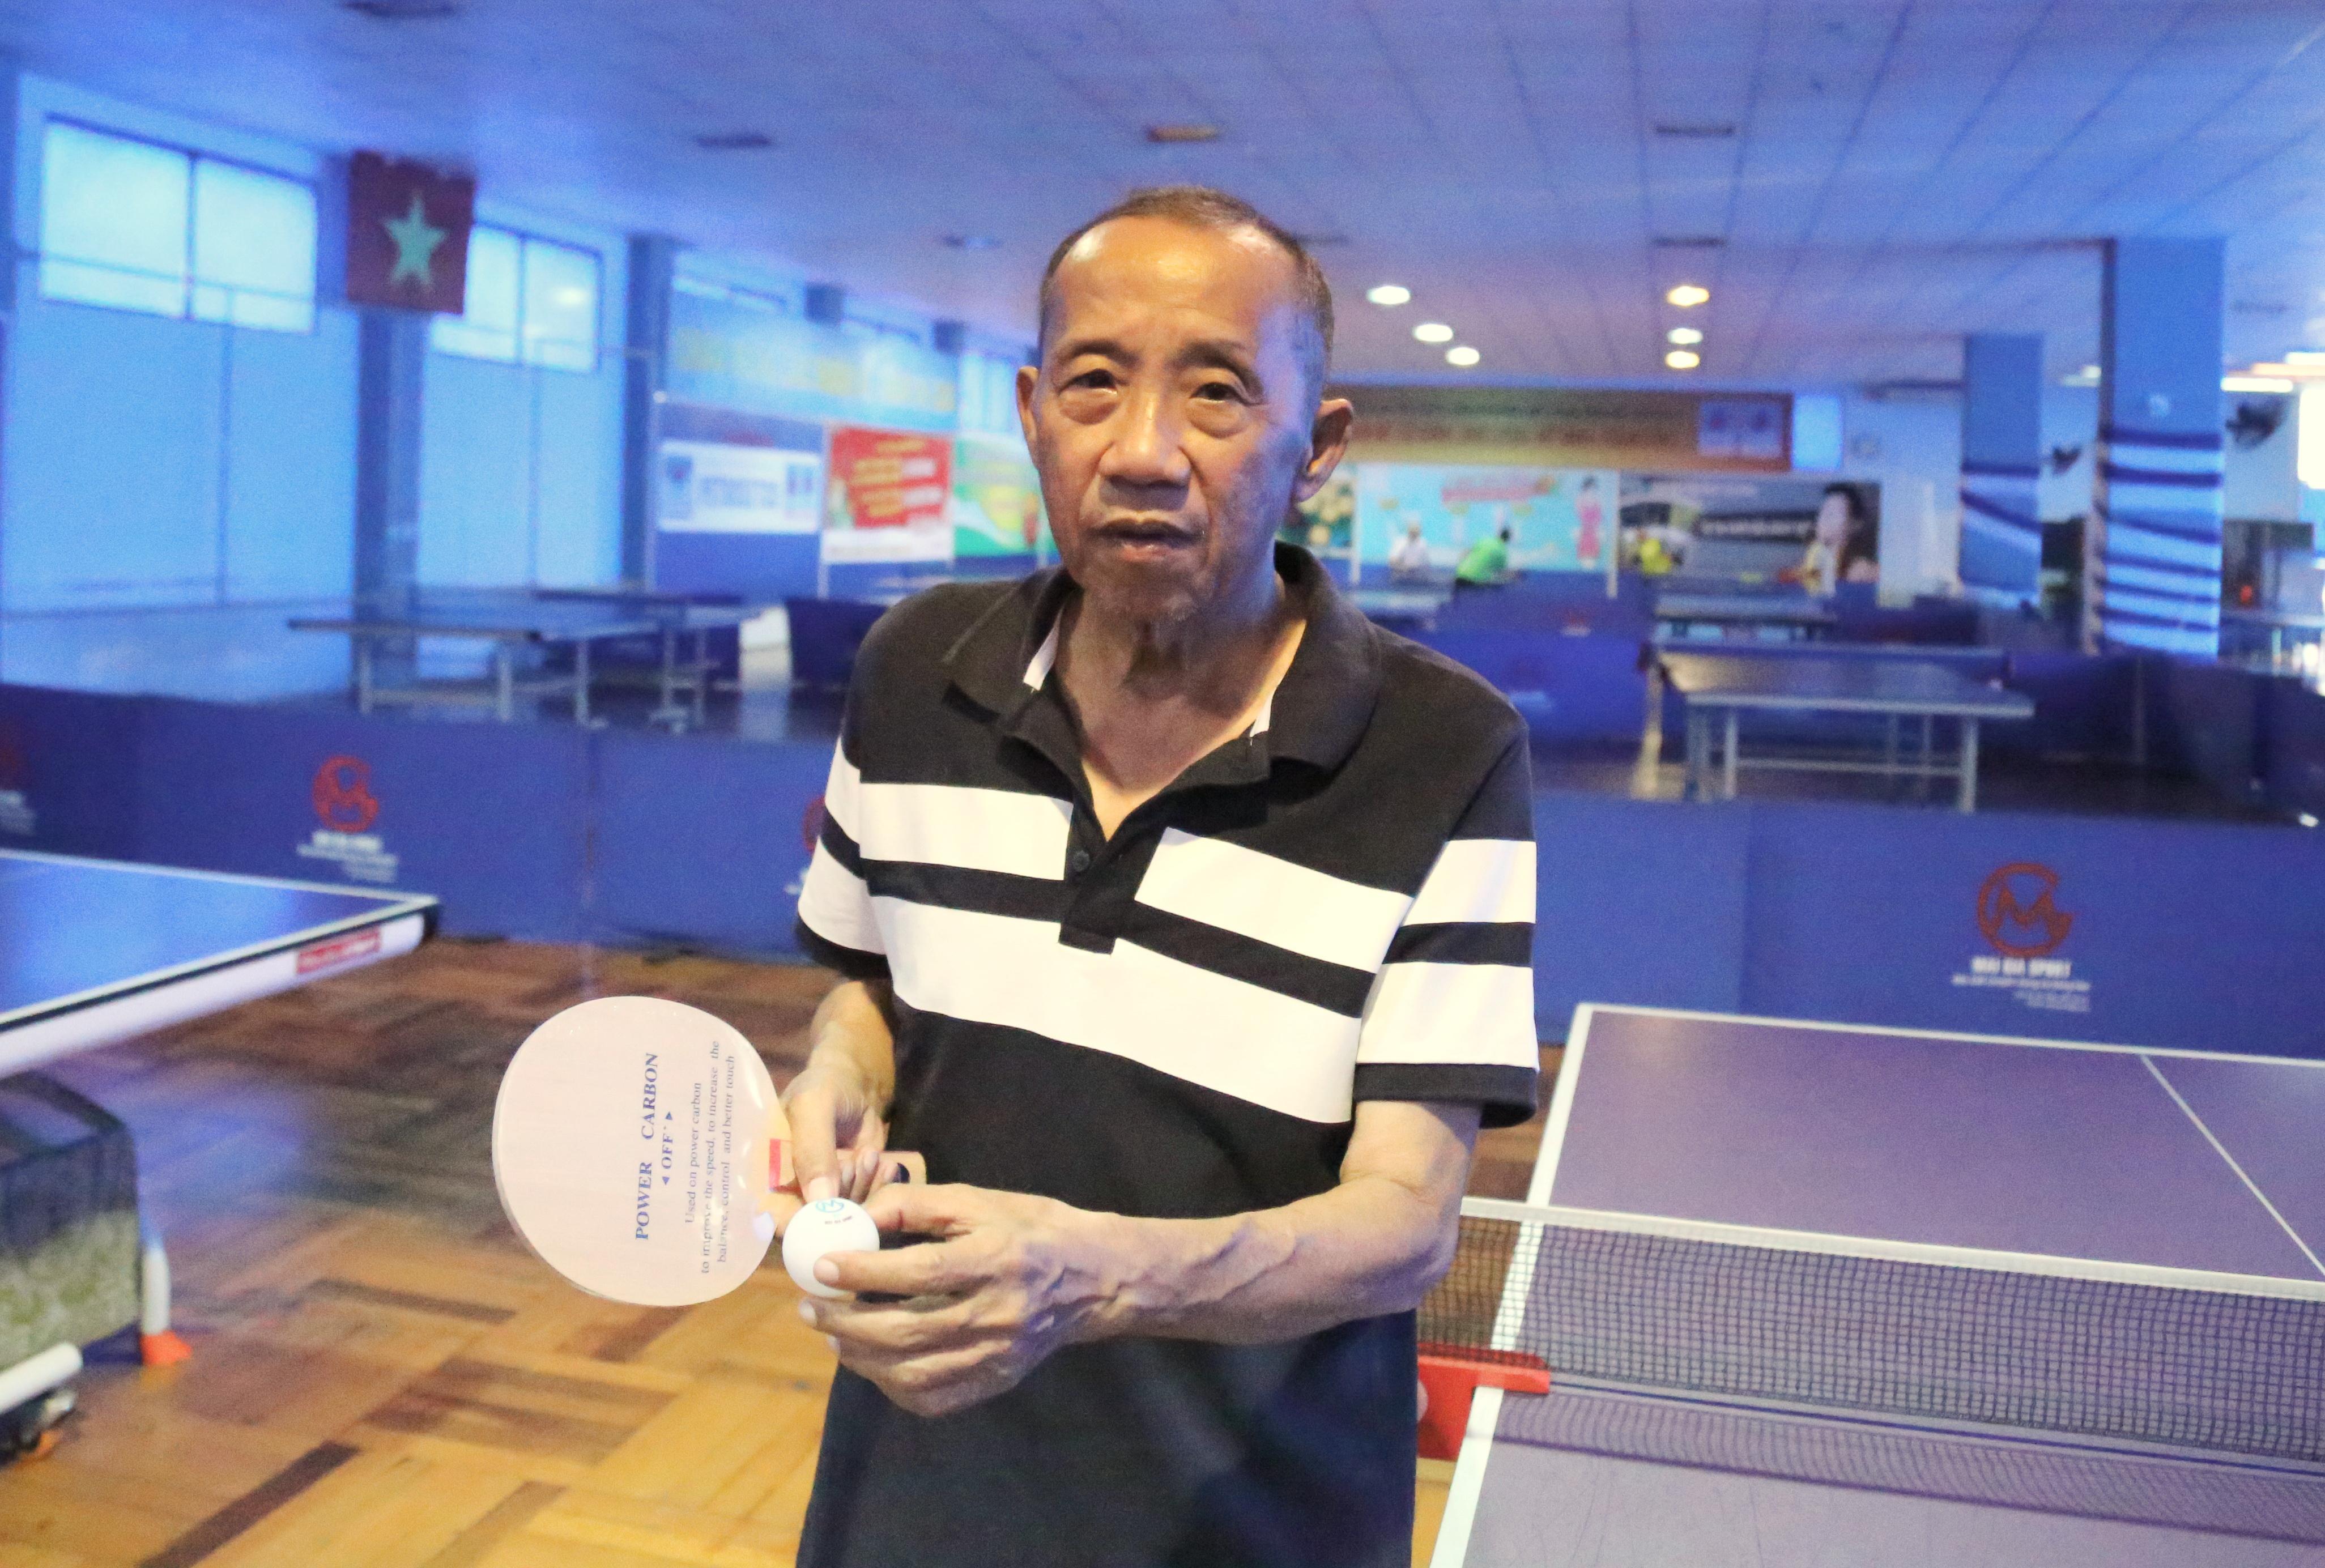 Ông Mai Văn Minh và cốt vợt, bóng do ông sản xuất -Ảnh: H.Đ.